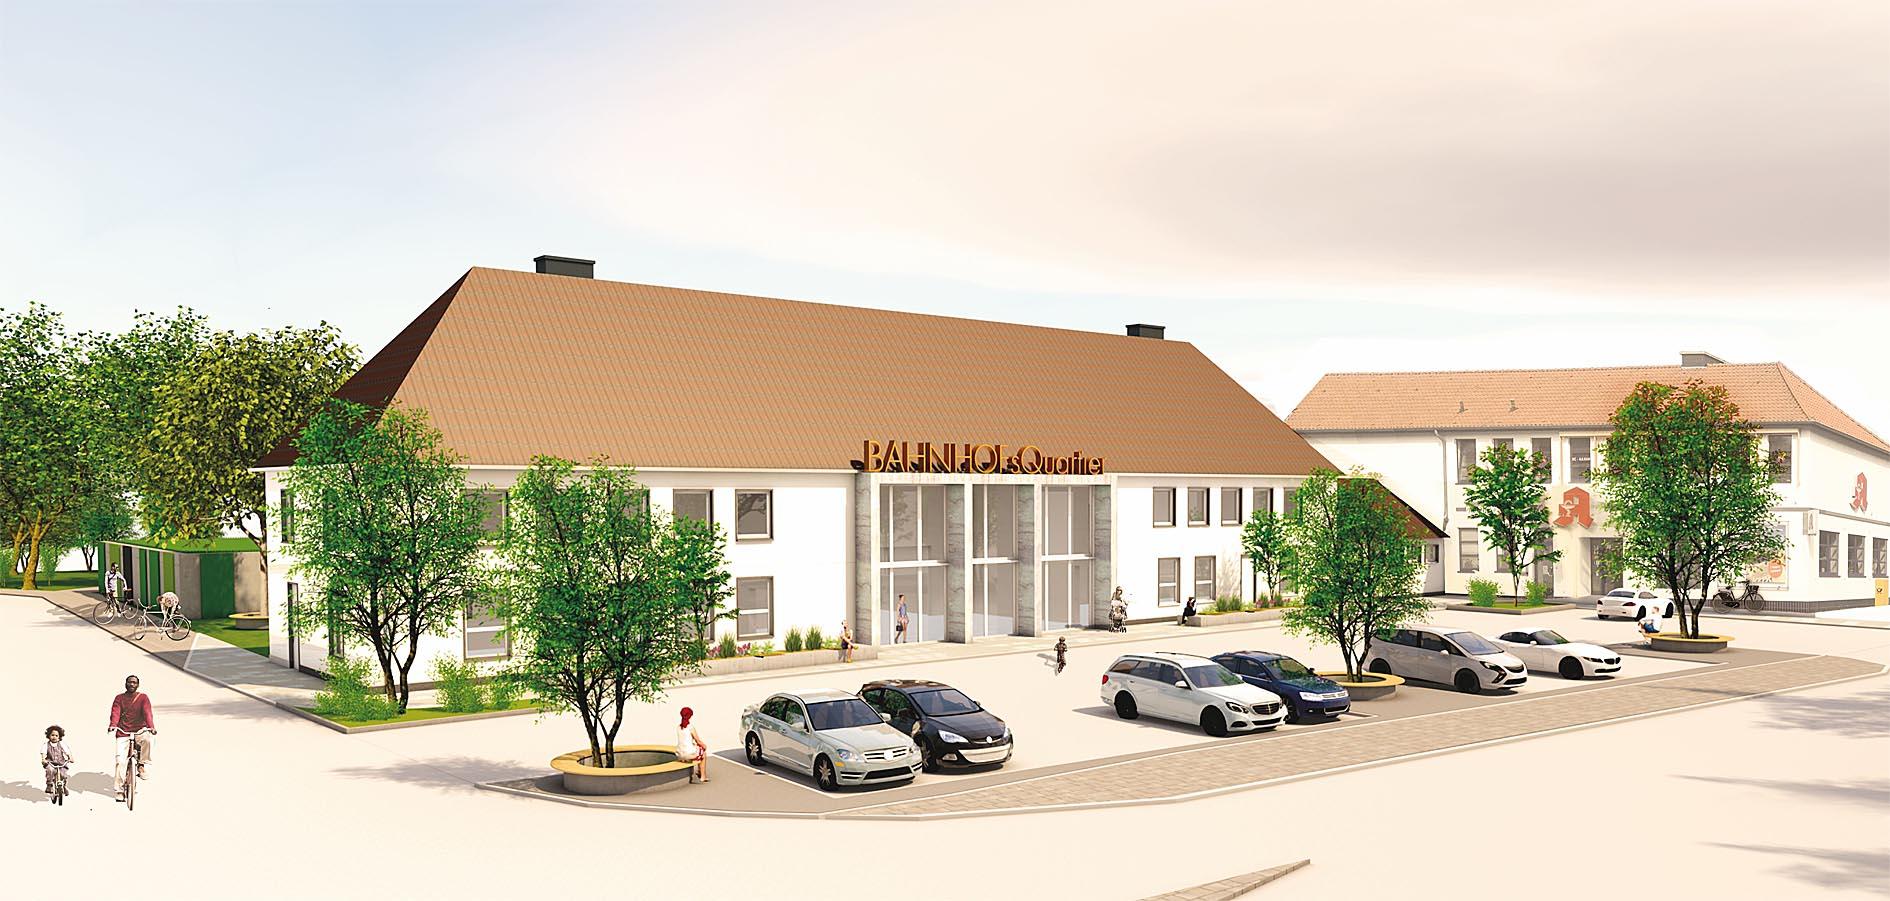 Bahnhof Emmerich